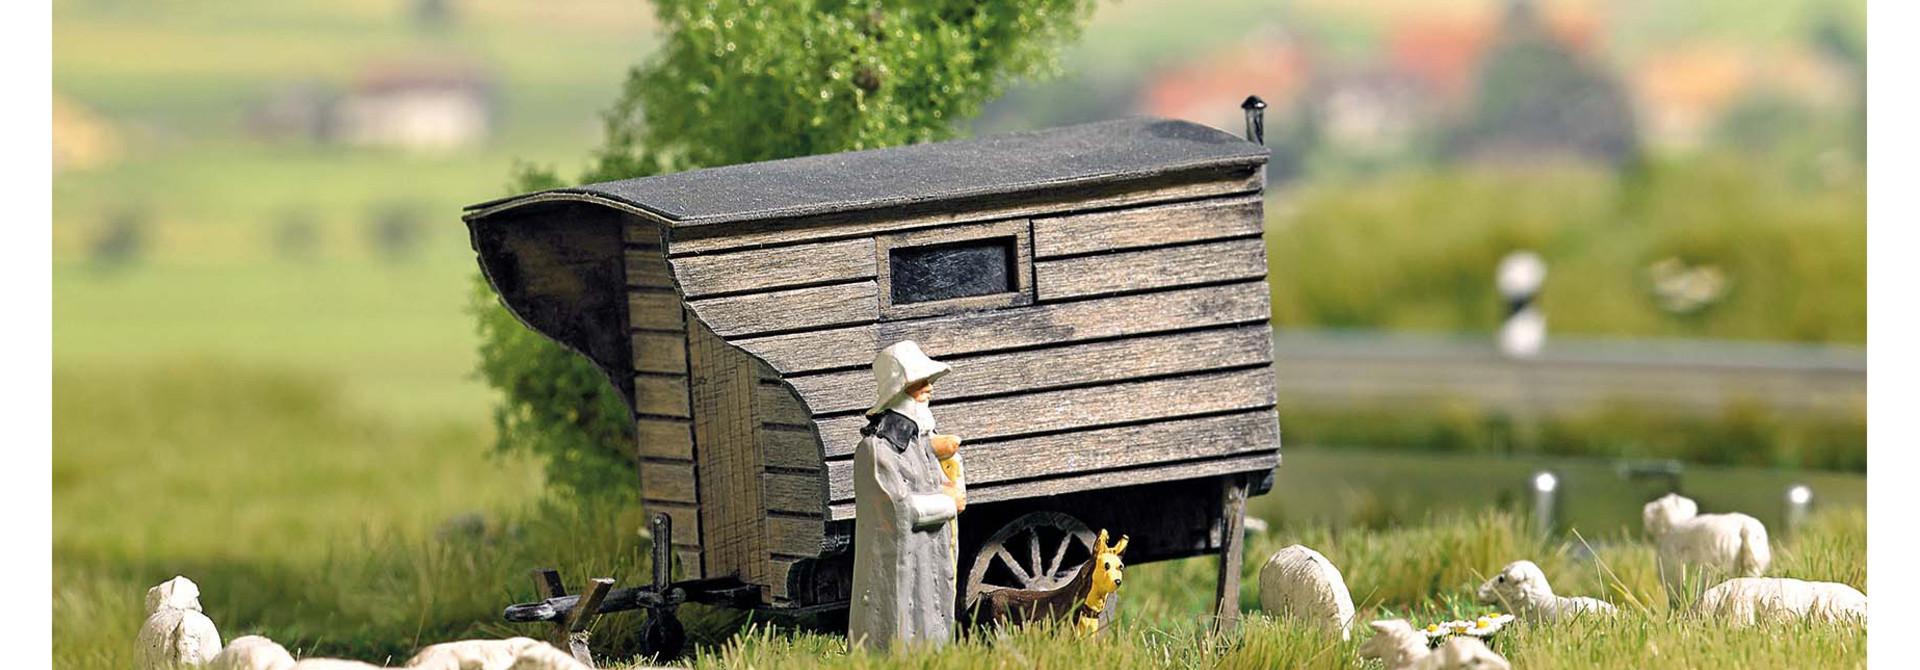 1981 Herderswagen, bouwpakket van echt hout